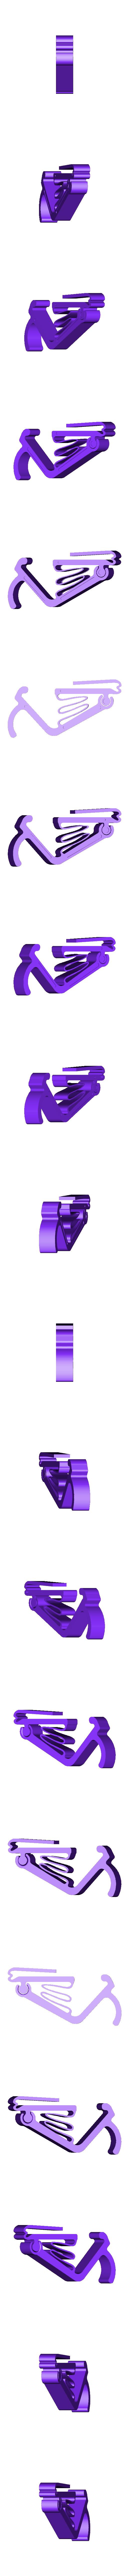 crochet_Hook.stl Télécharger fichier STL gratuit Crochet à torchon - Kitchen towel hook • Design à imprimer en 3D, 3DIYCaptain